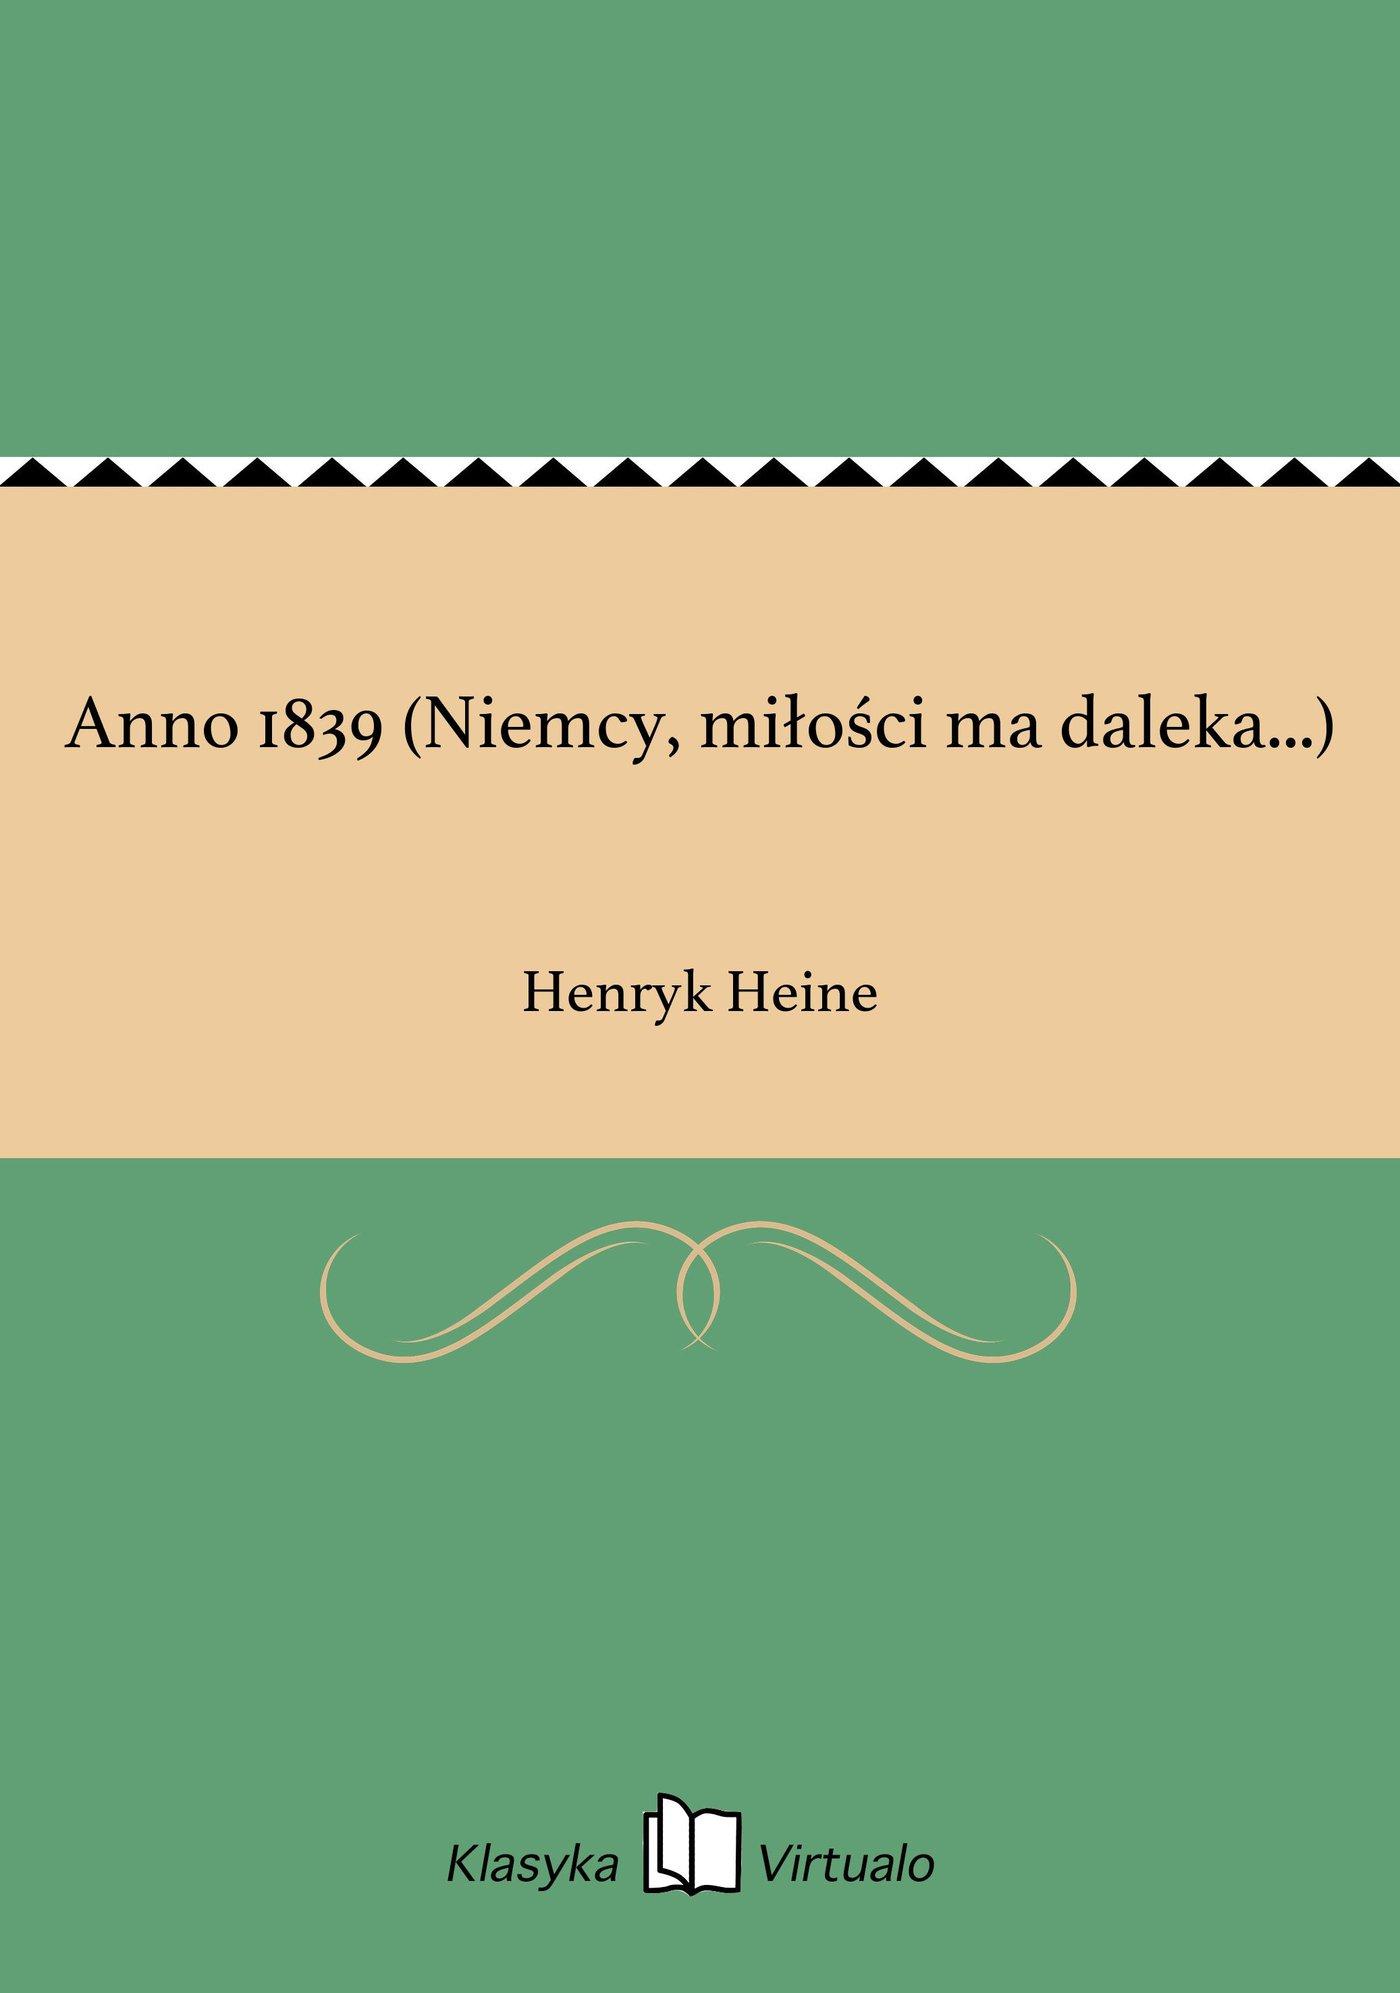 Anno 1839 (Niemcy, miłości ma daleka...) - Ebook (Książka na Kindle) do pobrania w formacie MOBI